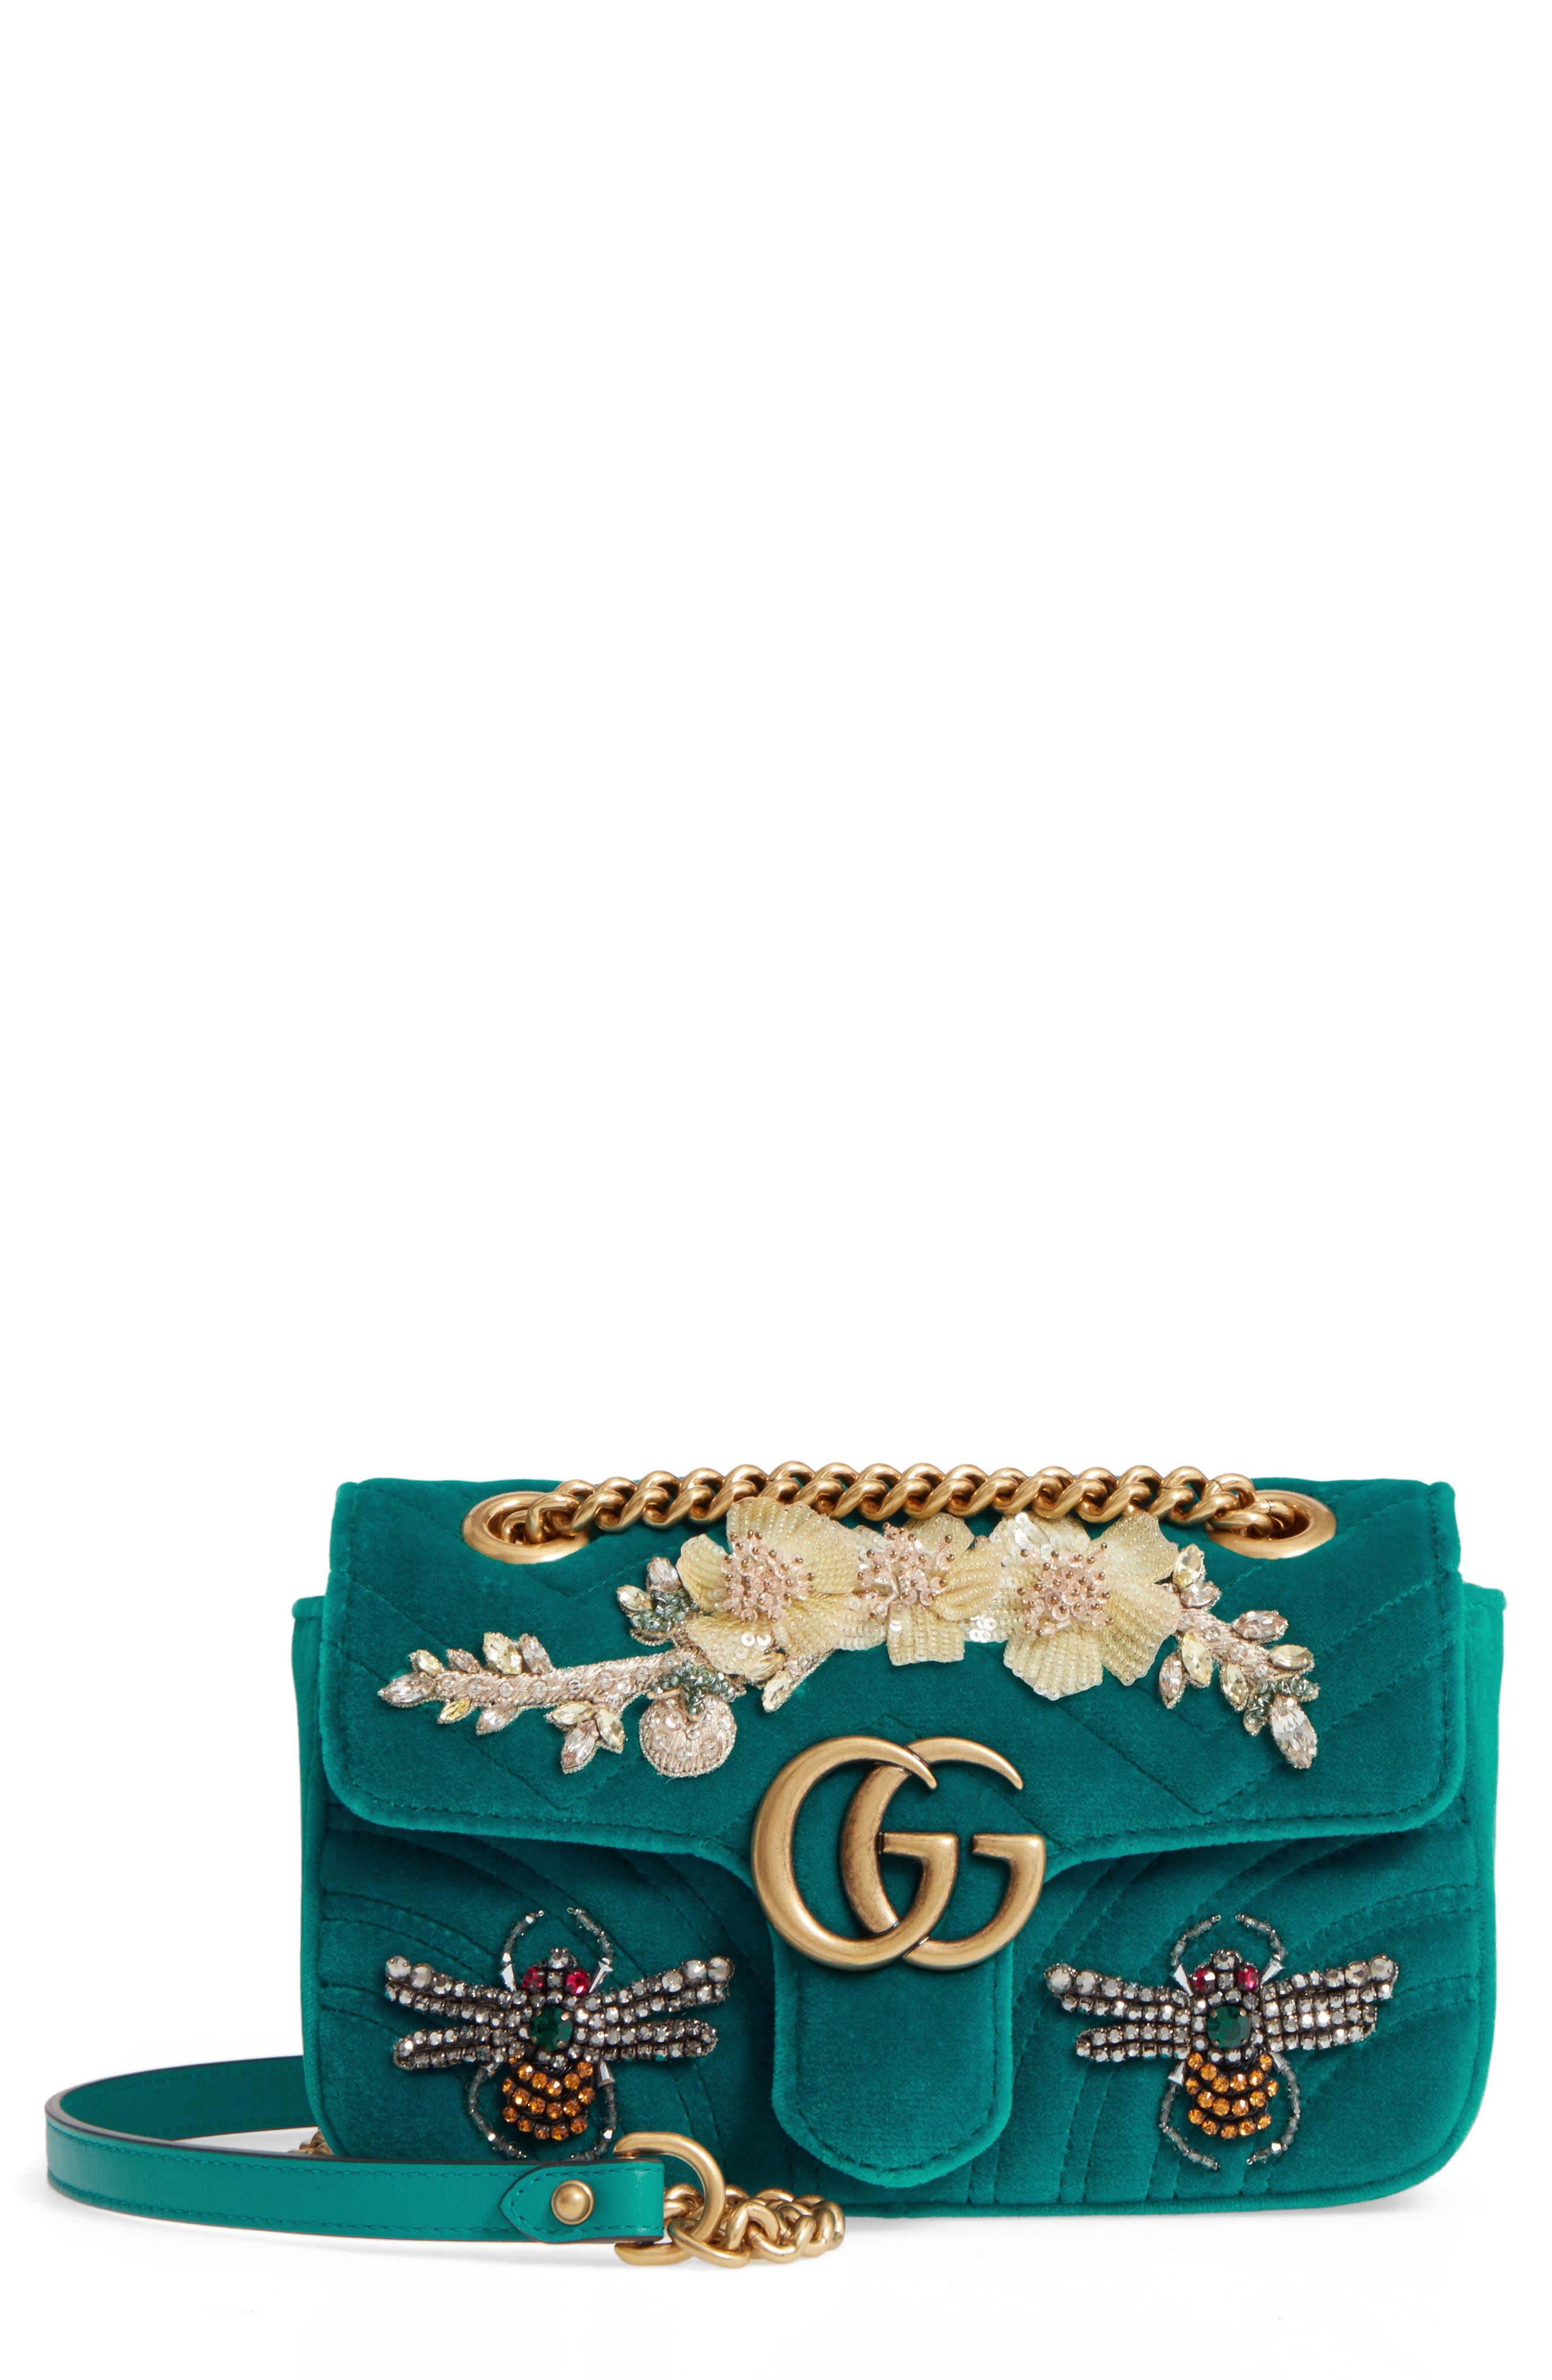 GUCCI, Mini GG Marmont Matelassé Velvet Shoulder Bag, Main thumbnail 1, color, PIVONE